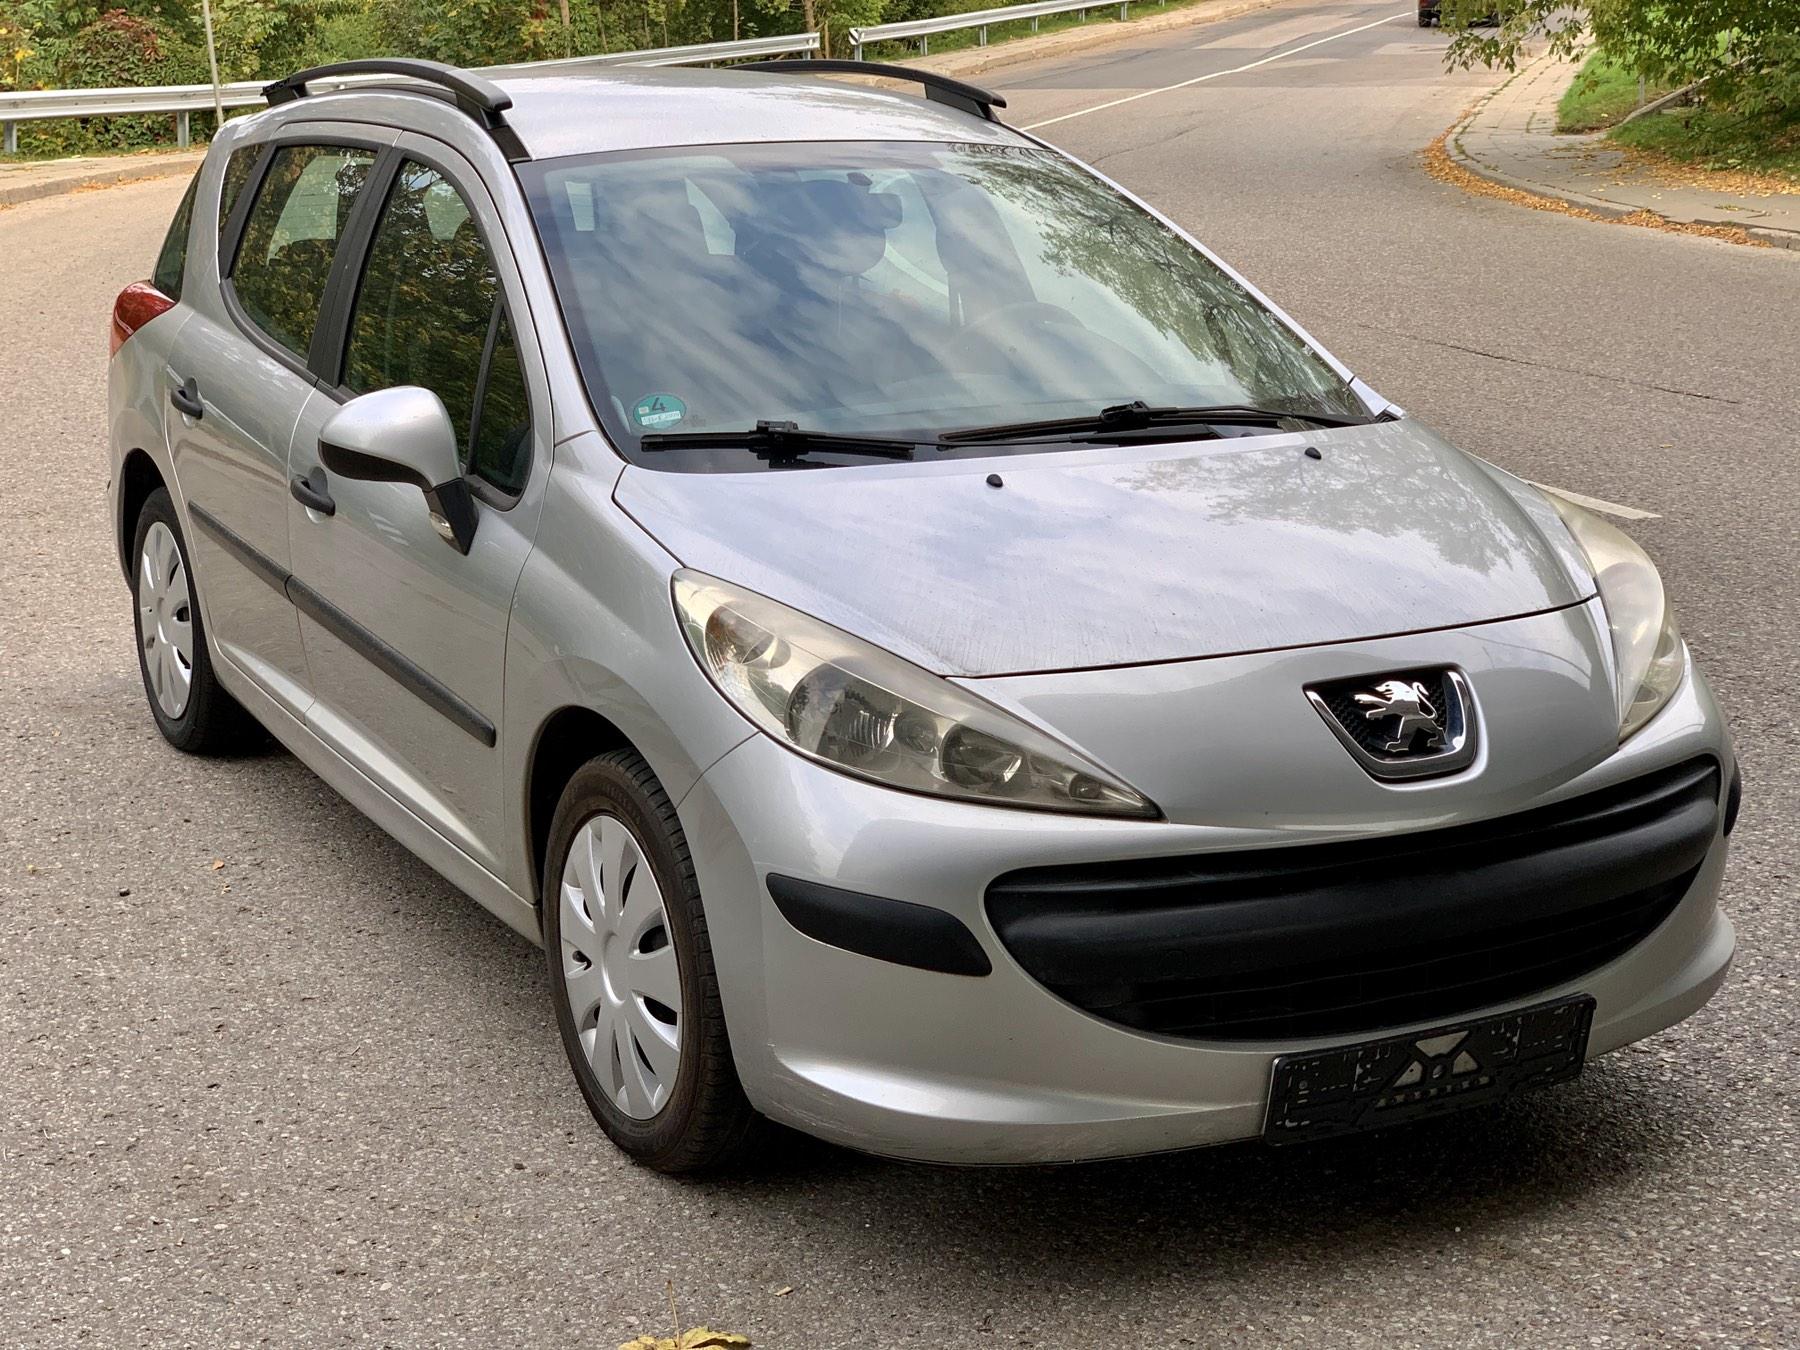 Peugeot 207, 1.6 l., universalas